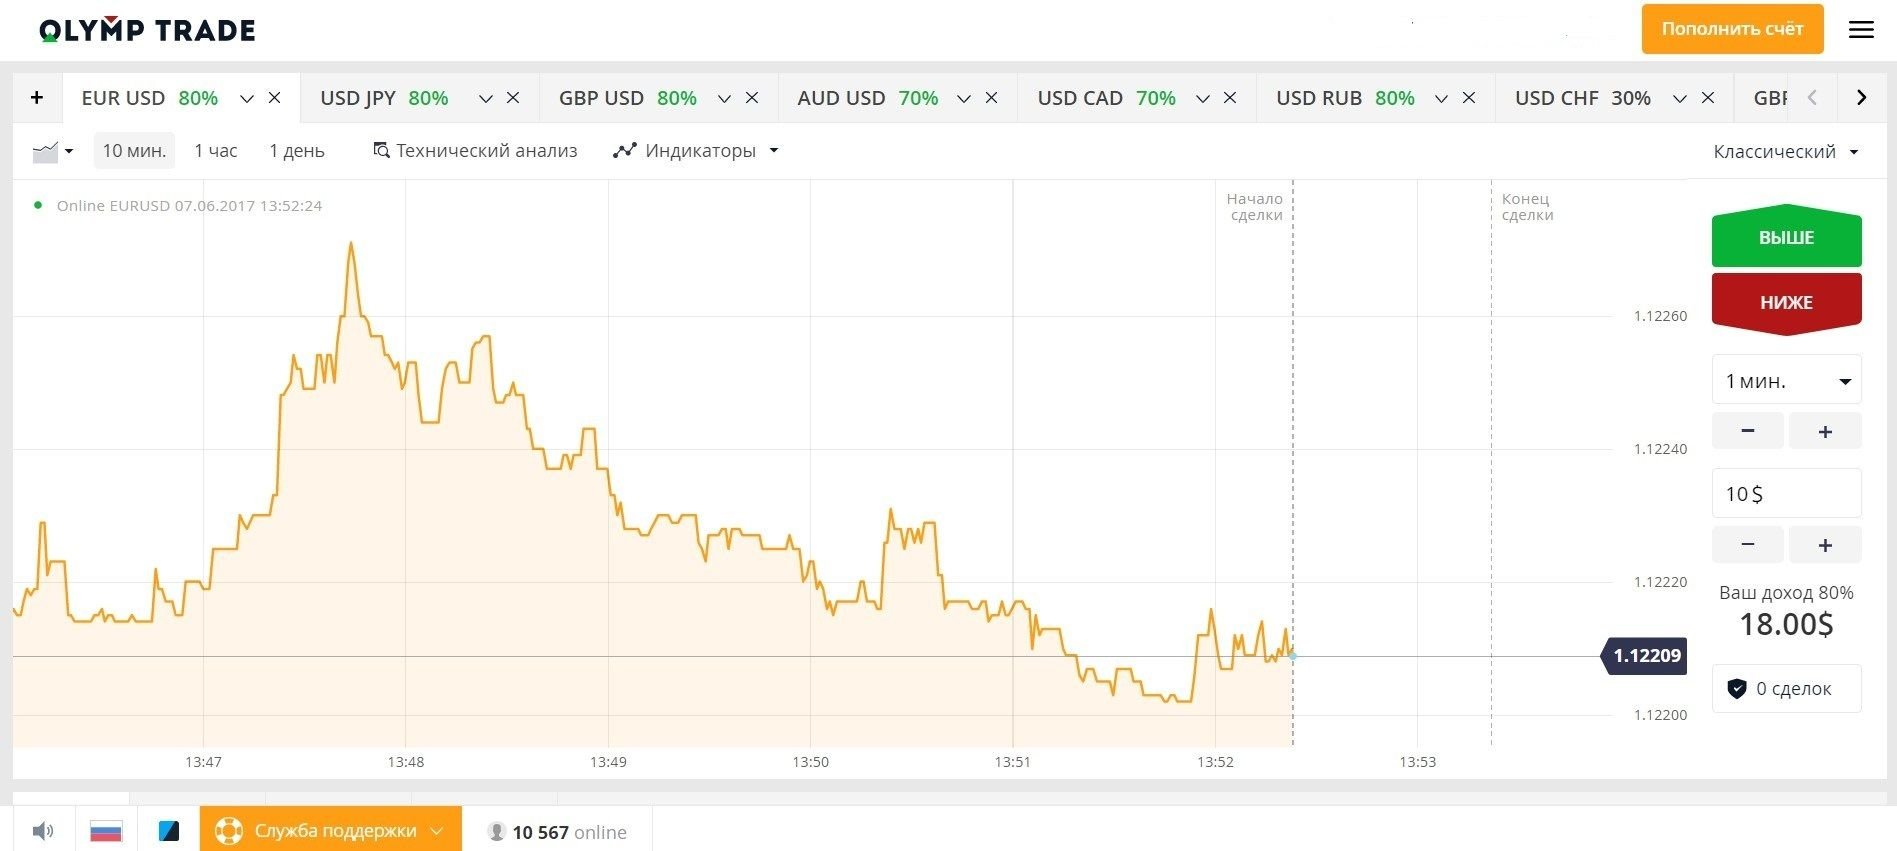 kaip uždirbami bitkoinai kaip investuoti pinigus ir užsidirbti pinigų internete